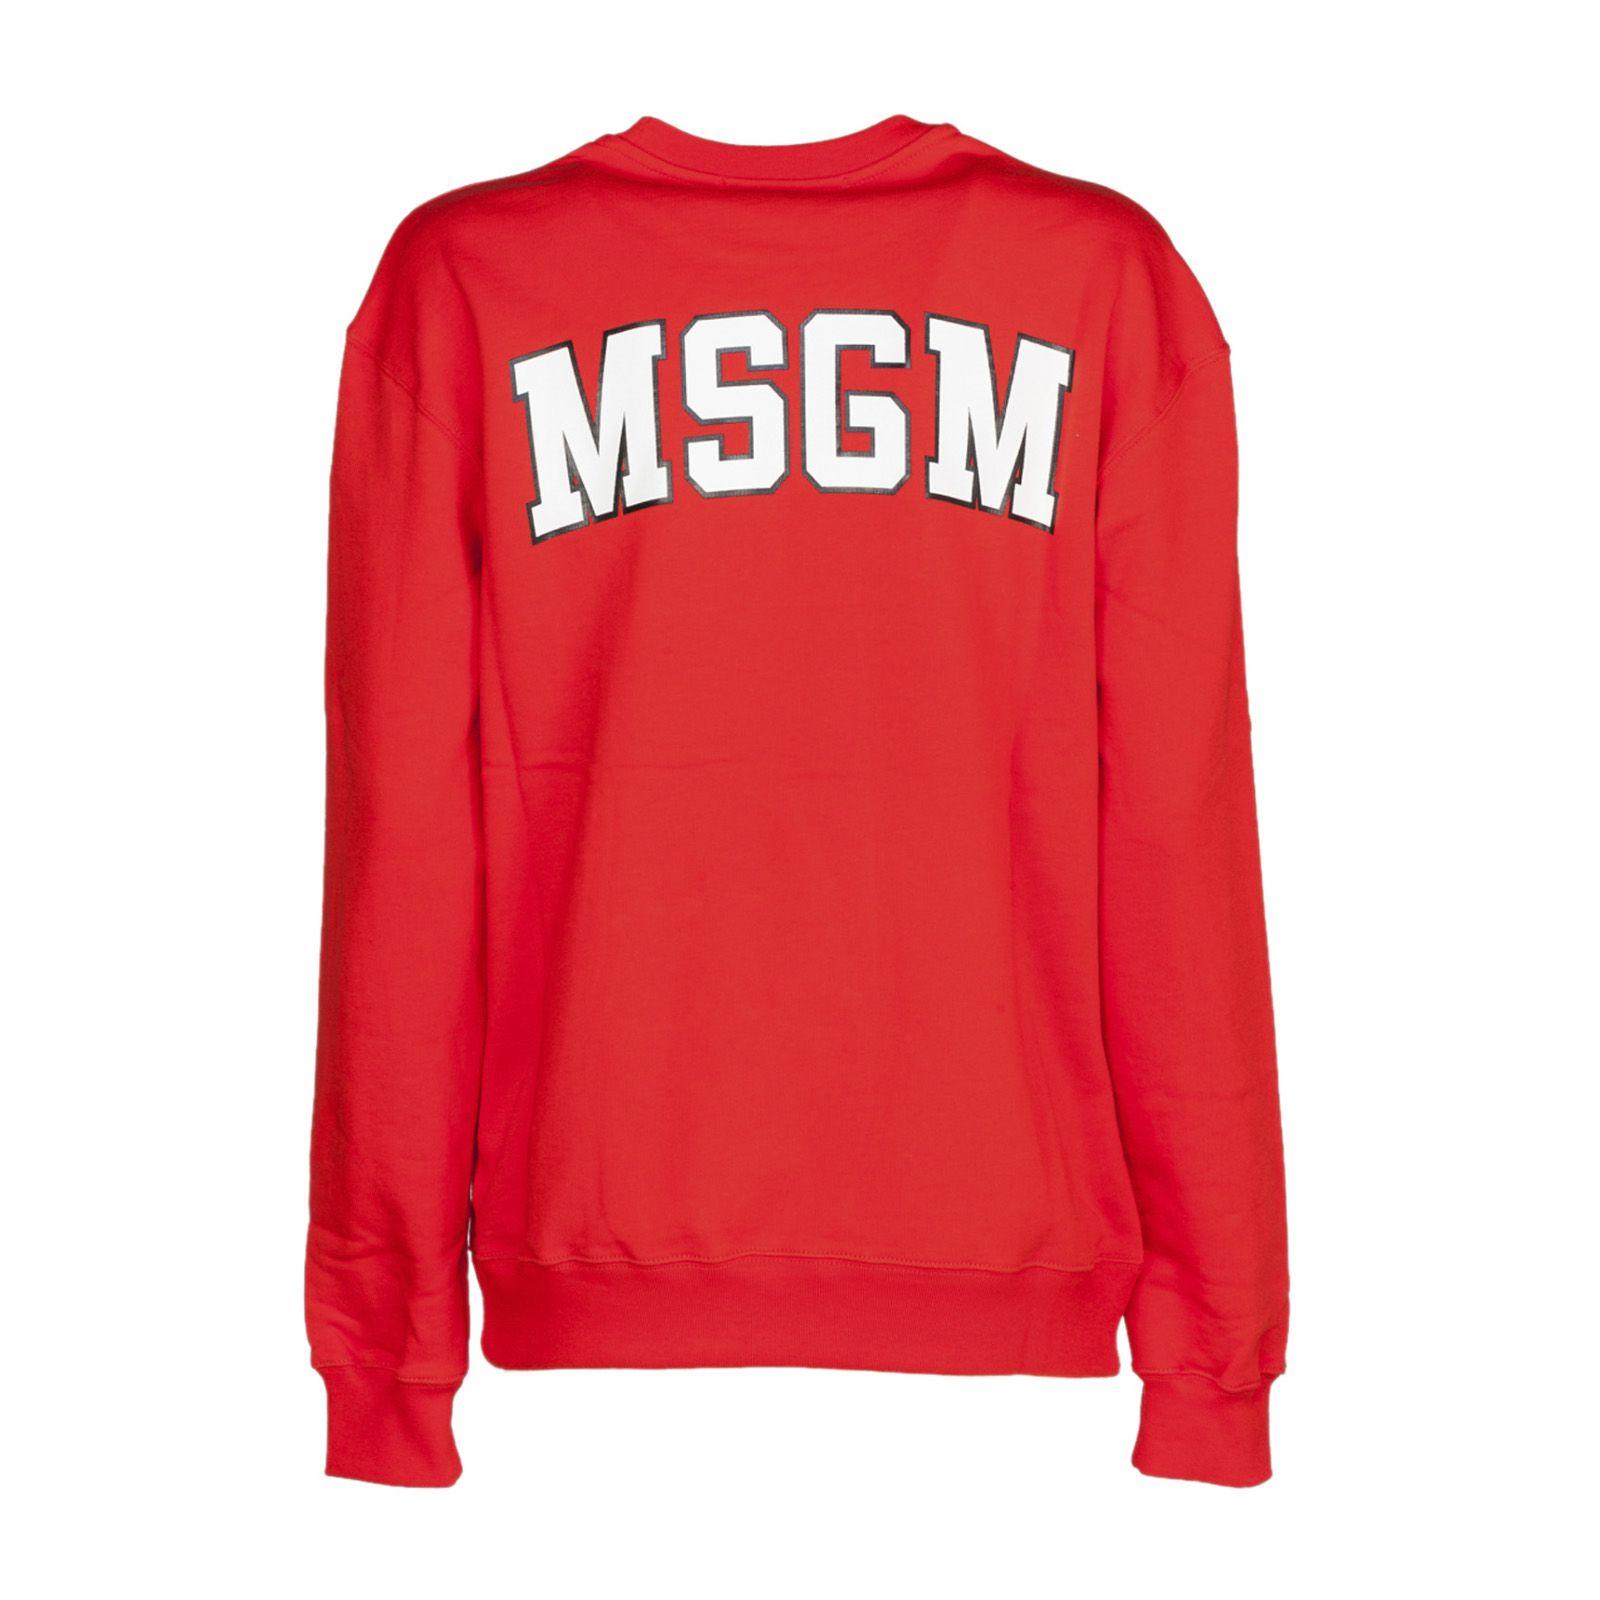 Msgm  MSGM LOGO SWEATSHIRT